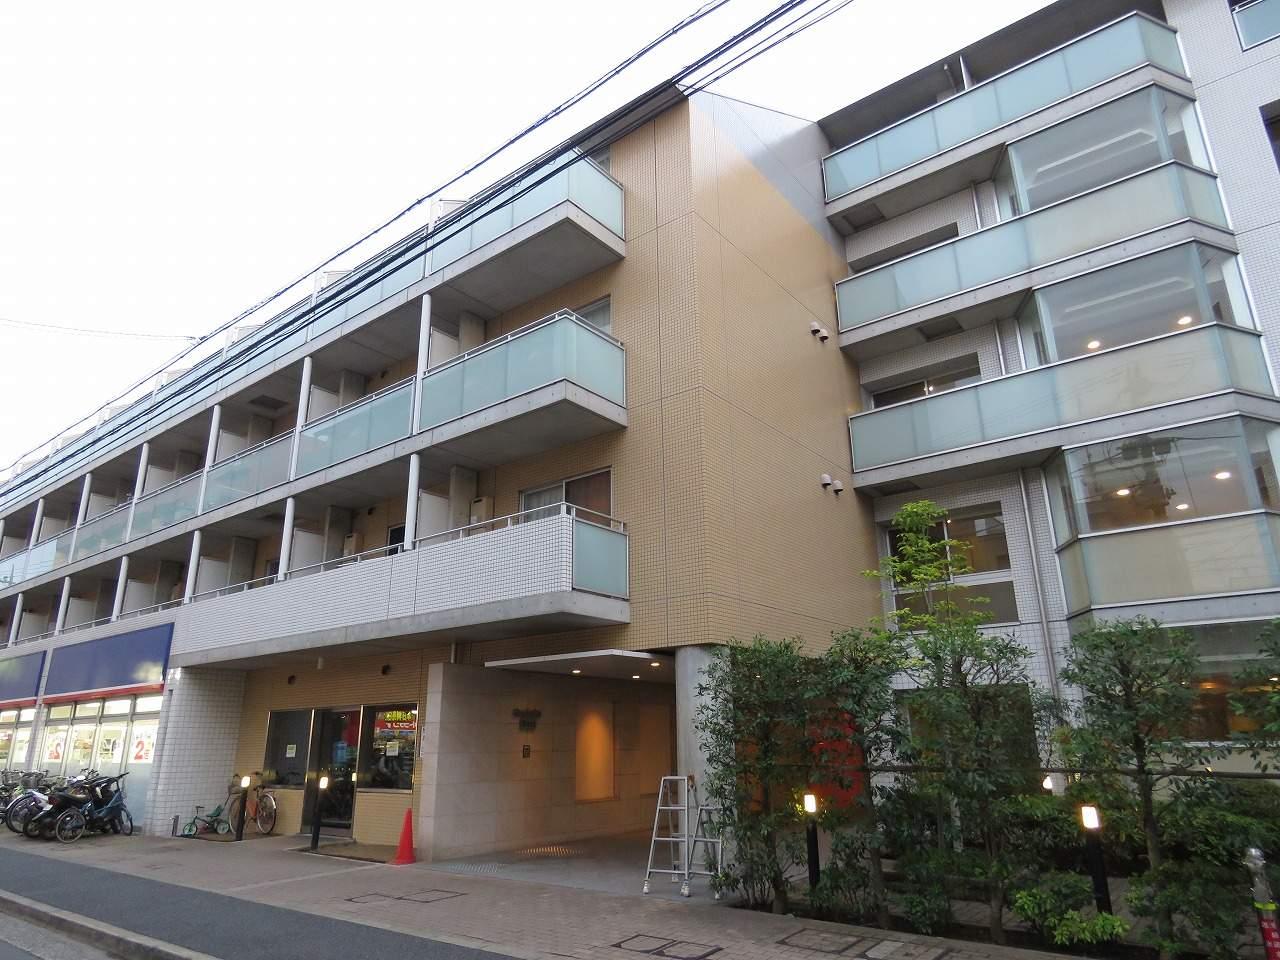 東京都大田区、京急蒲田駅徒歩16分の築9年 6階建の賃貸マンション